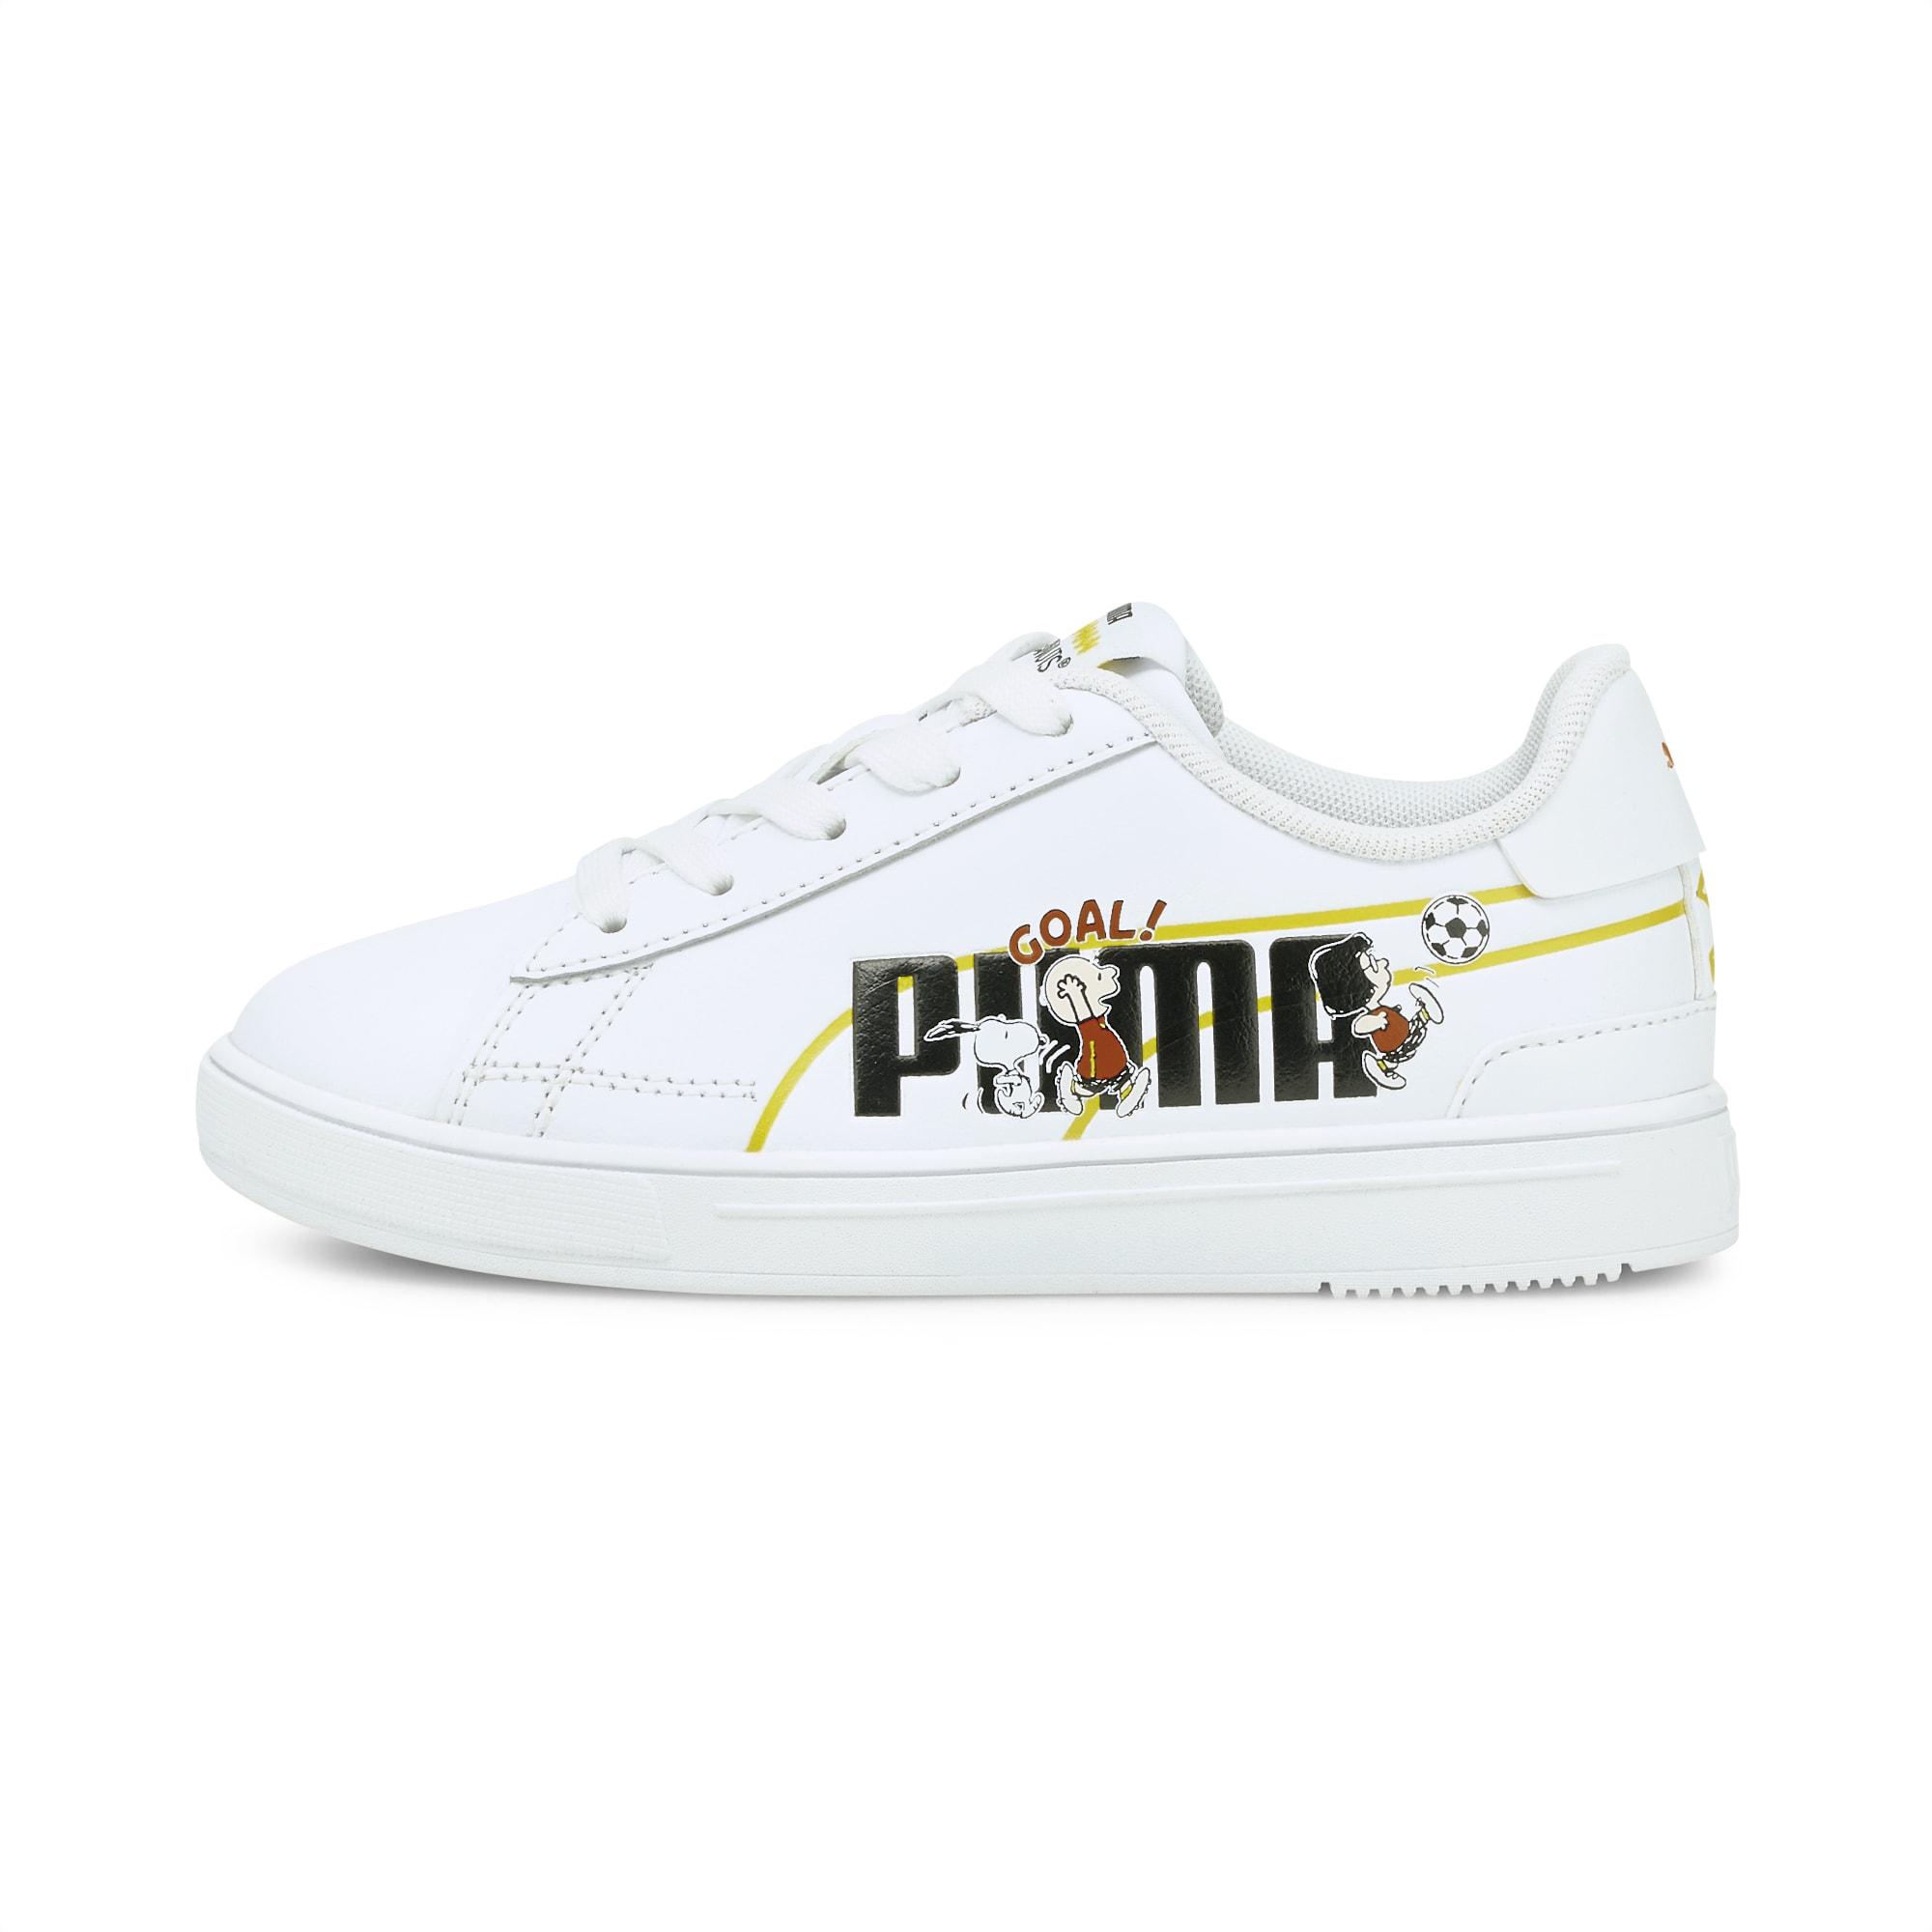 PUMA x PEANUTS Serve Pro Little Kids' Sneakers